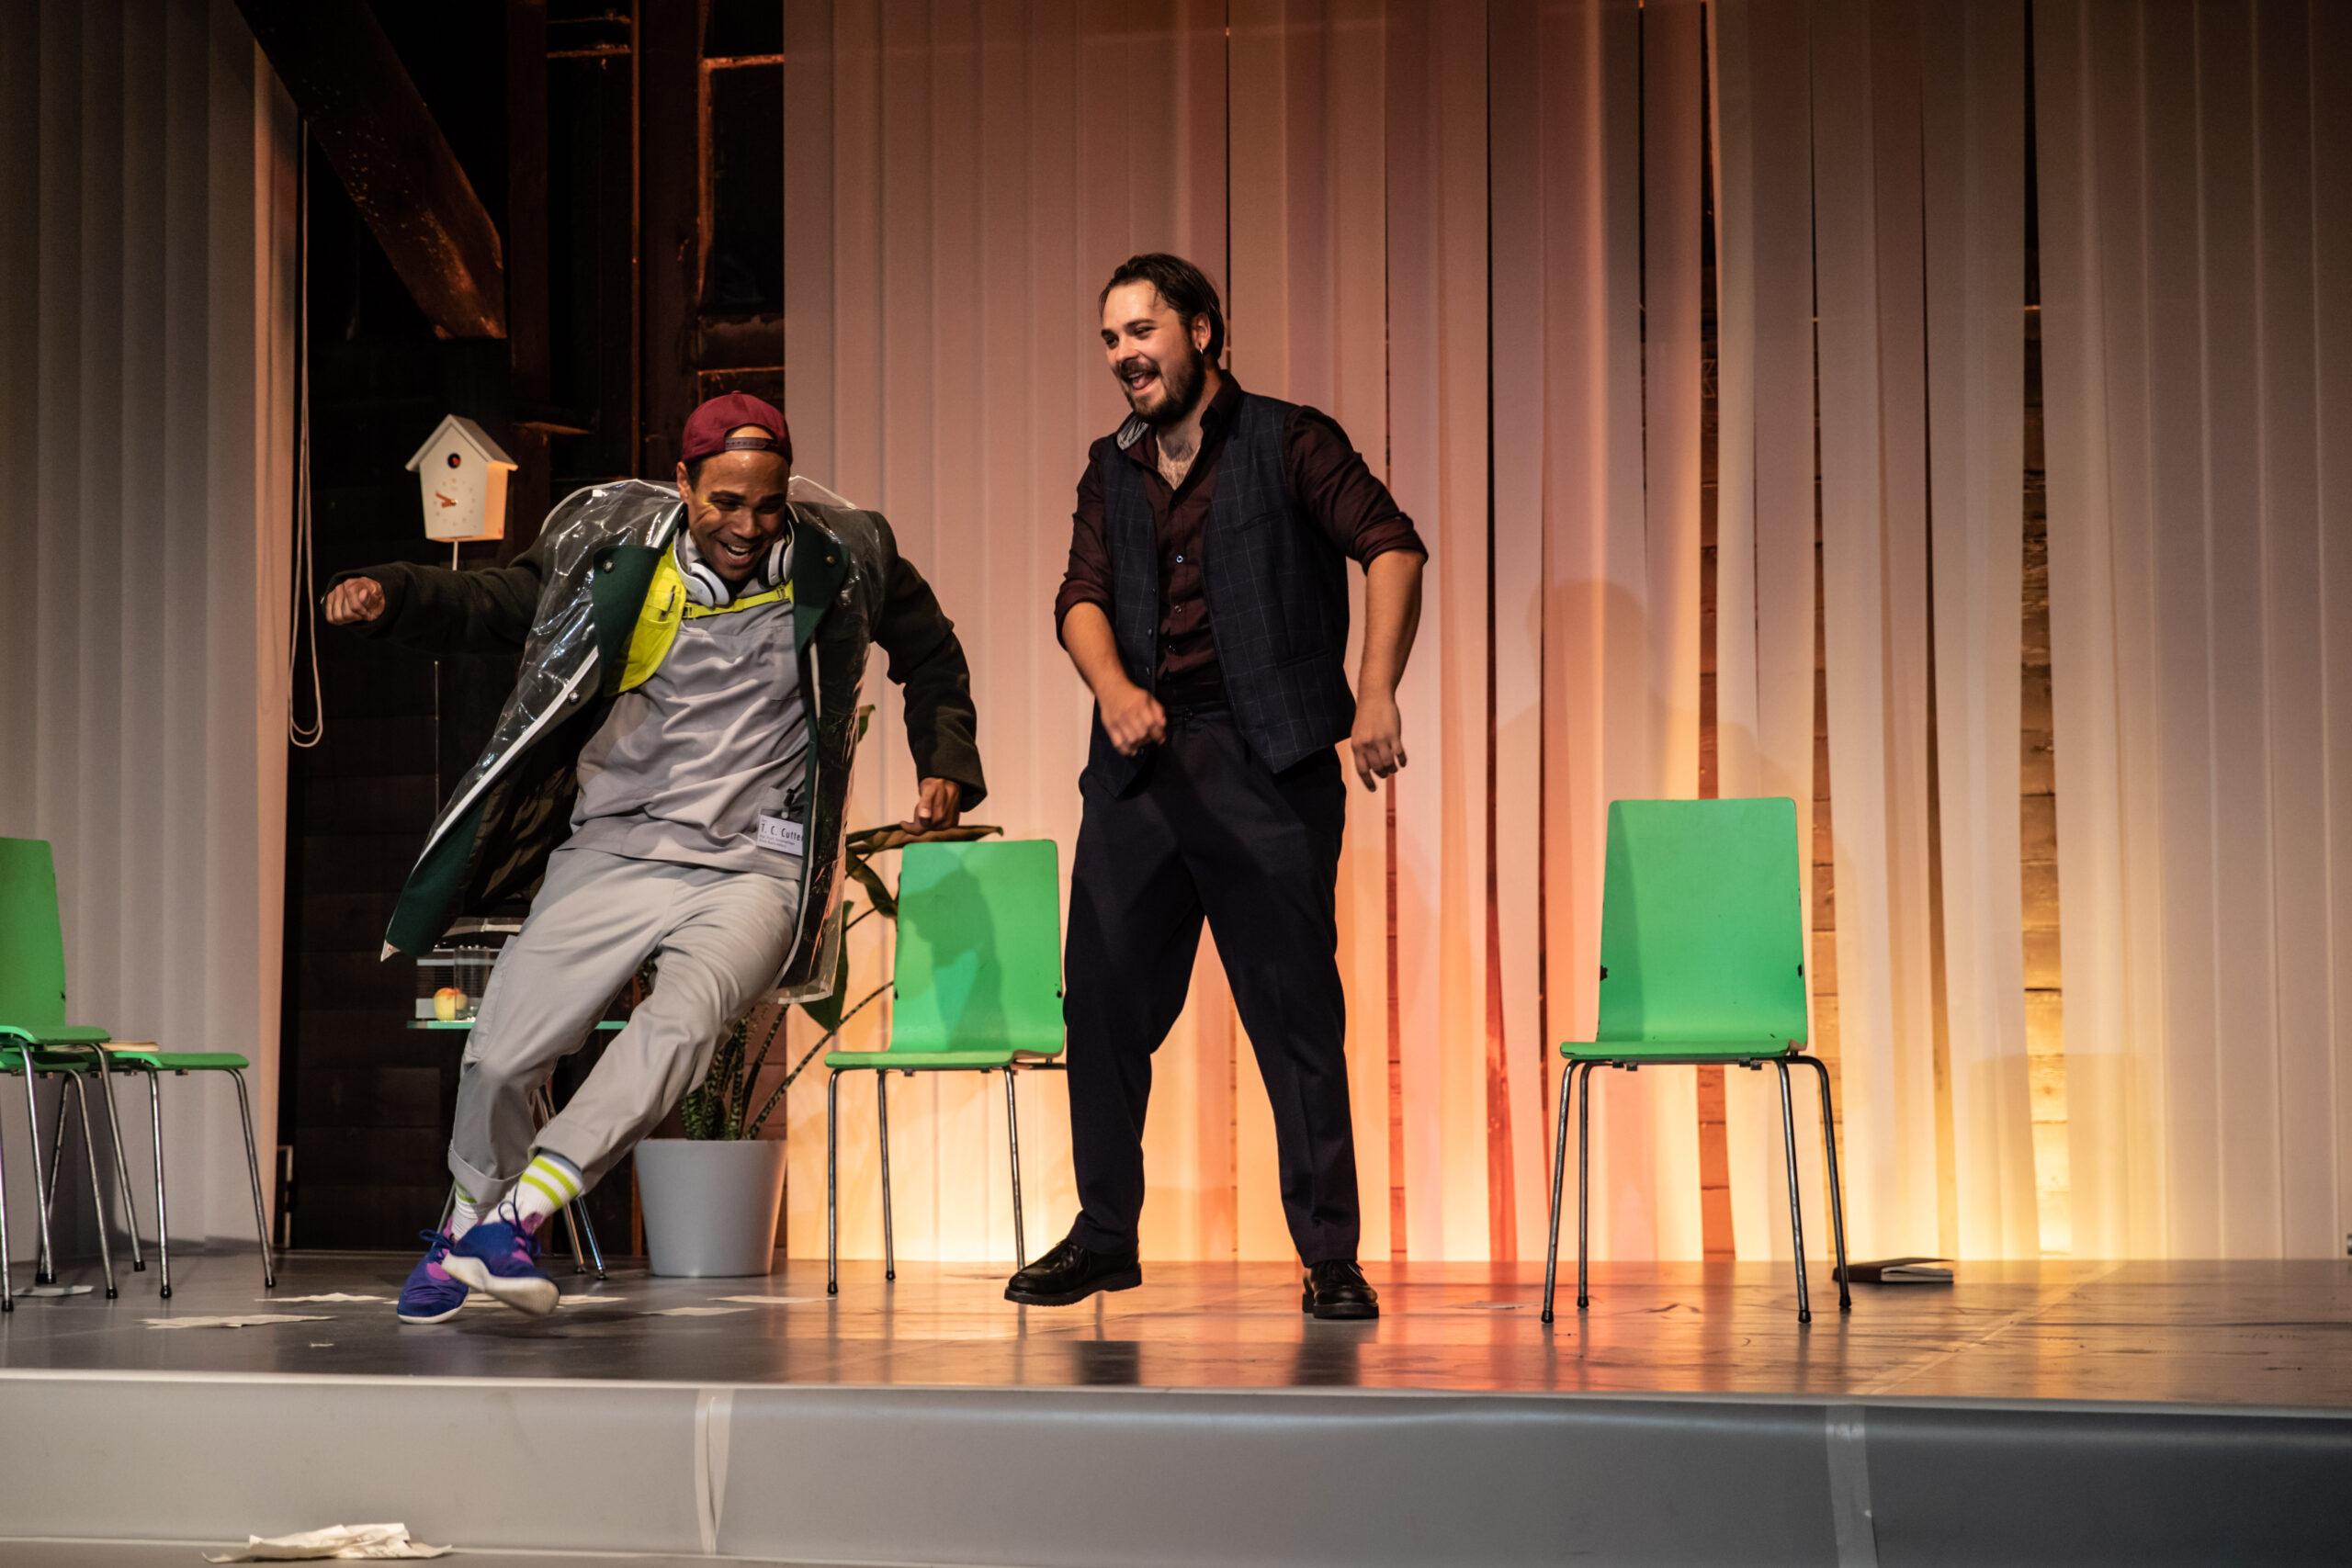 Opernfestival_Oberpfalz_inSOMNIA-127_Franz_Xaver_von_Schönwerth_und_Bilmesschneider_2 Foto: Christina Iberl